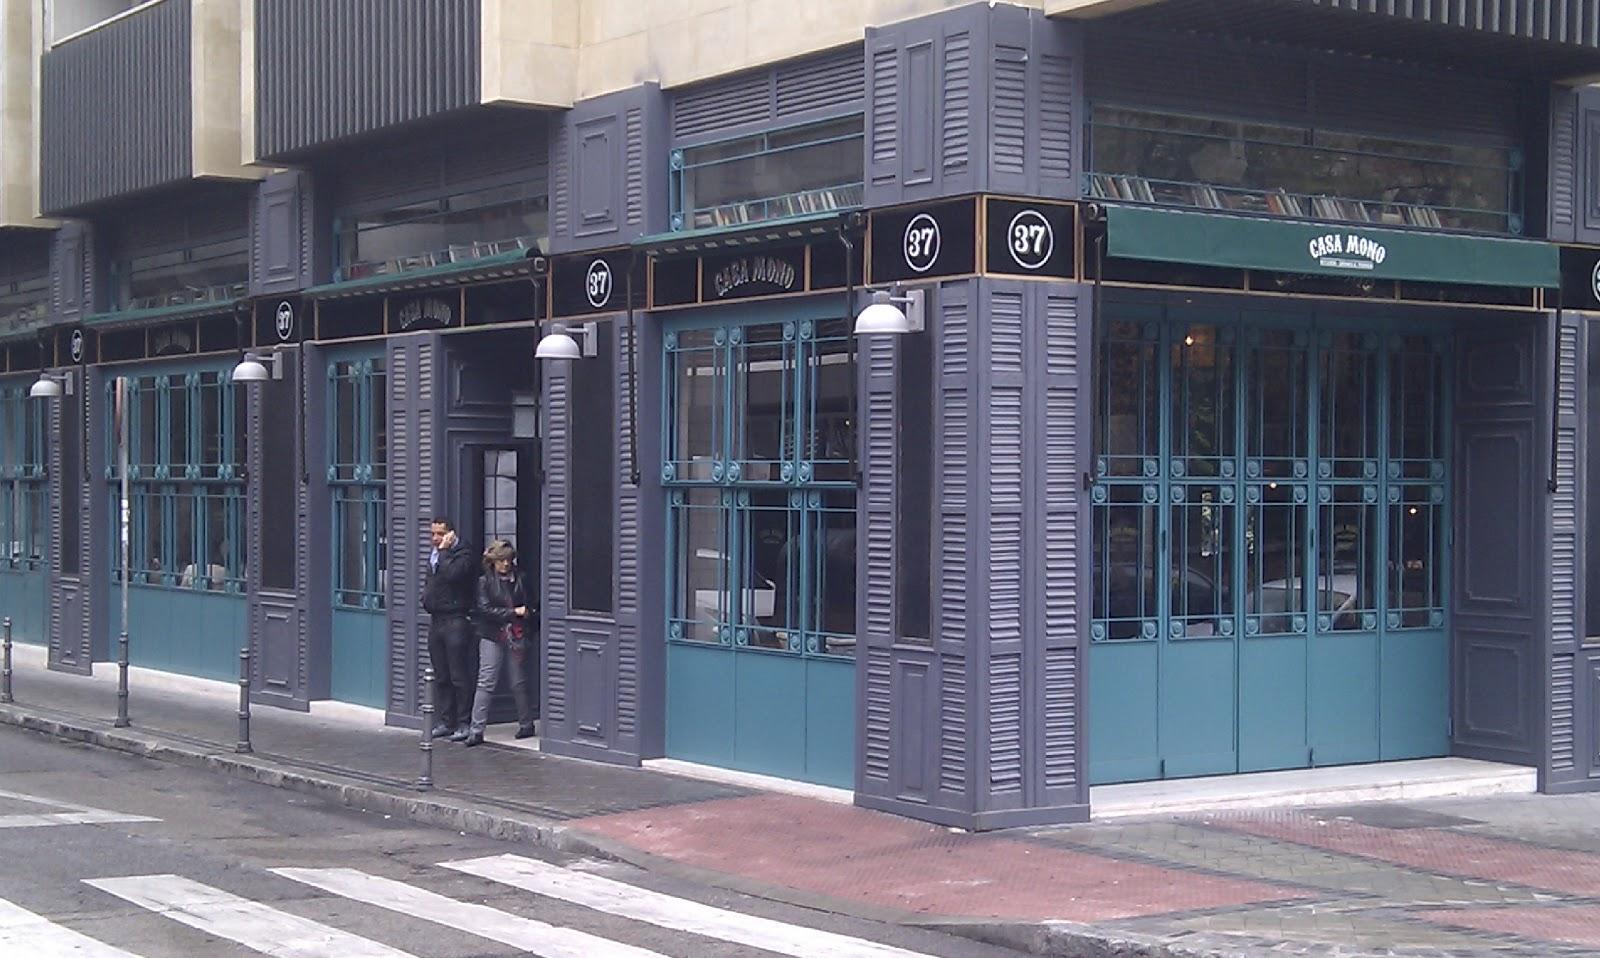 Ocio a los 40 restaurante casa mono madrid comida con - Casa mono restaurante ...